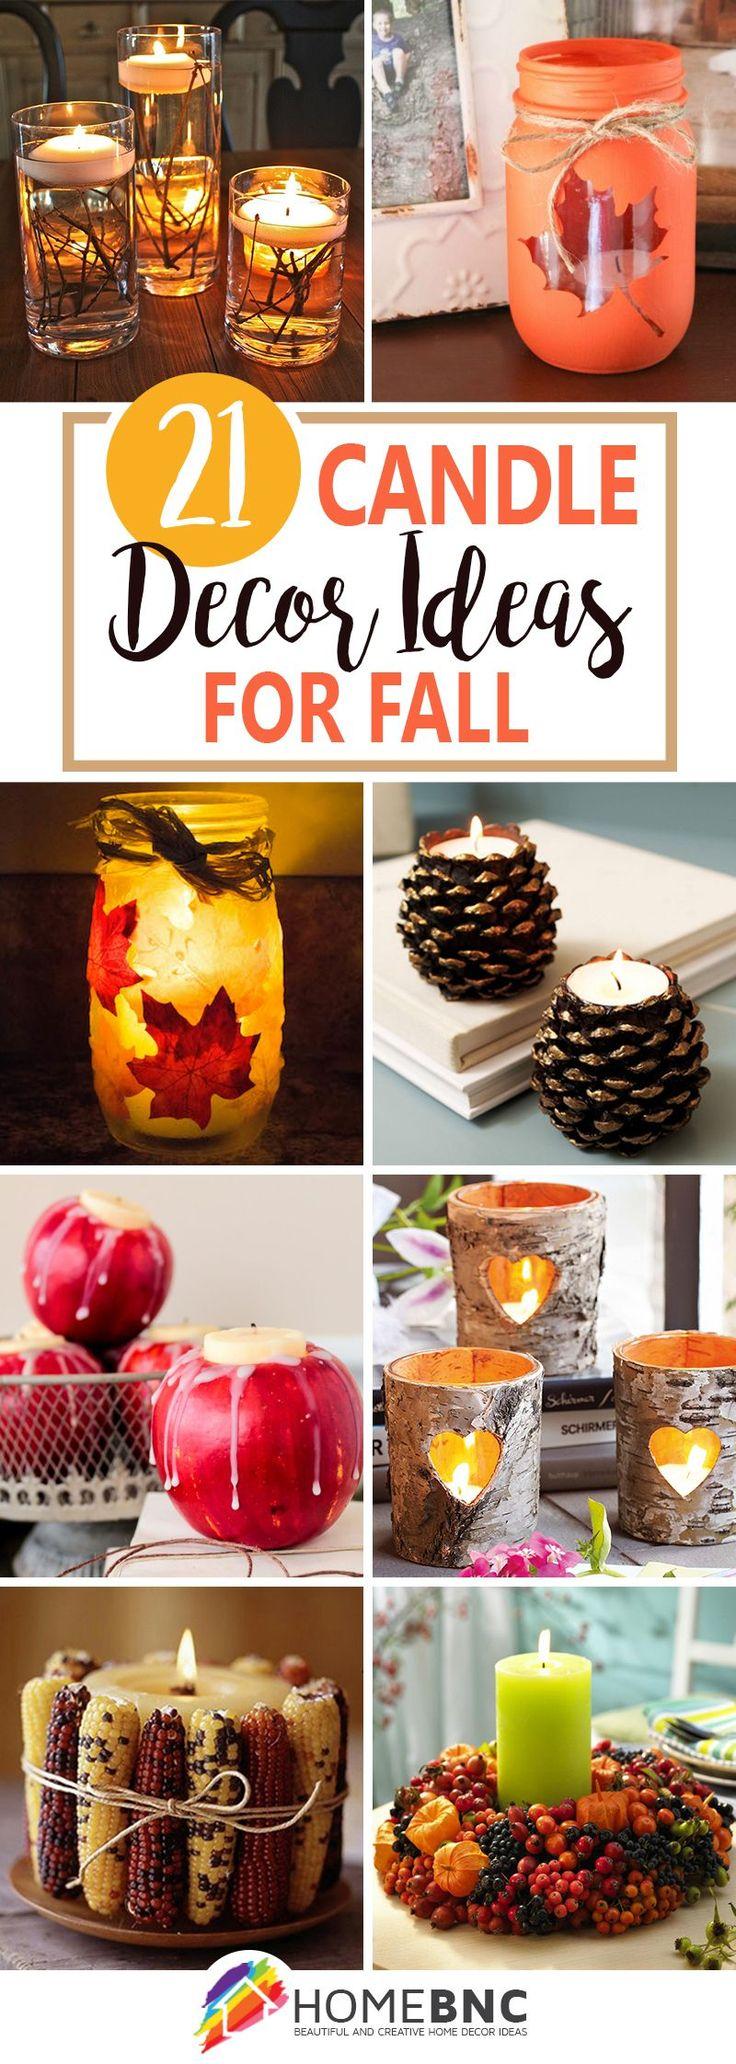 Best 25+ Fall candles ideas on Pinterest | Pumpkin candles, Dollar ...